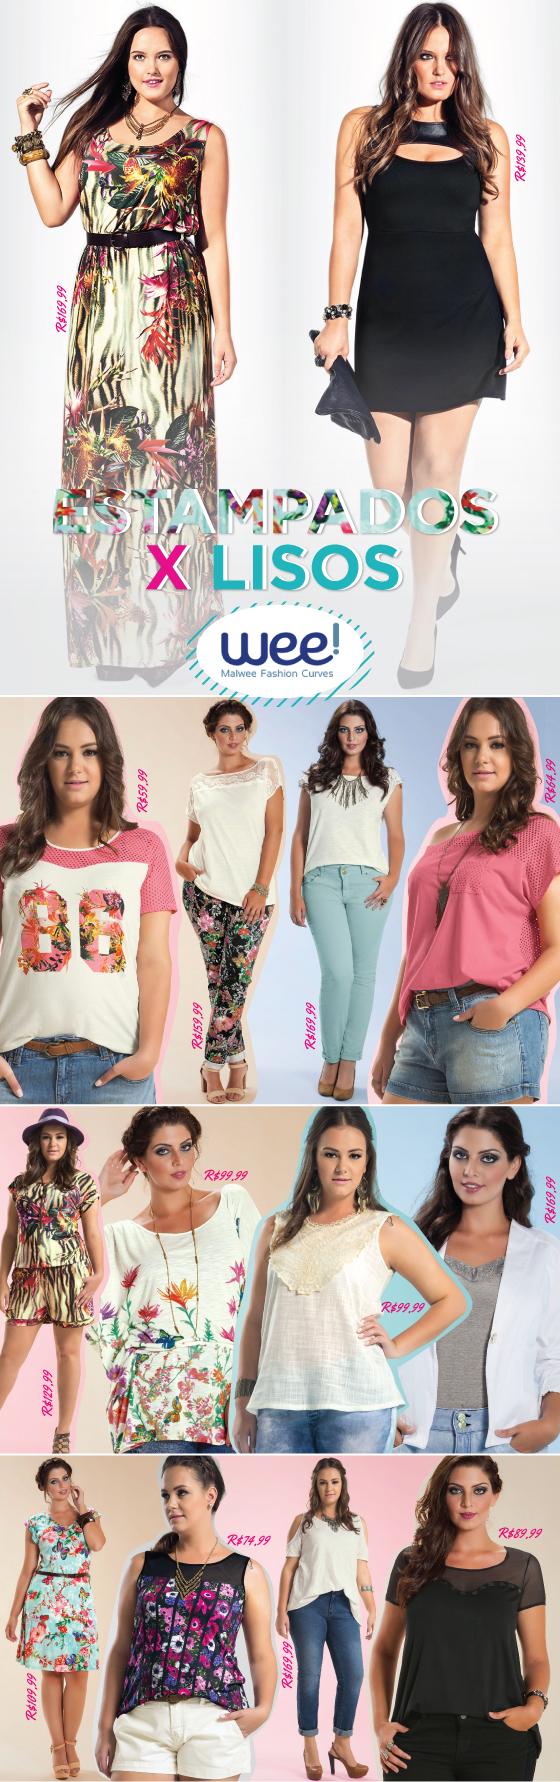 wee-malwee-plus-size-comprar-online-moda-numeracao-grande-compras-fashion-vestido-estampa-liso-basico-roupa